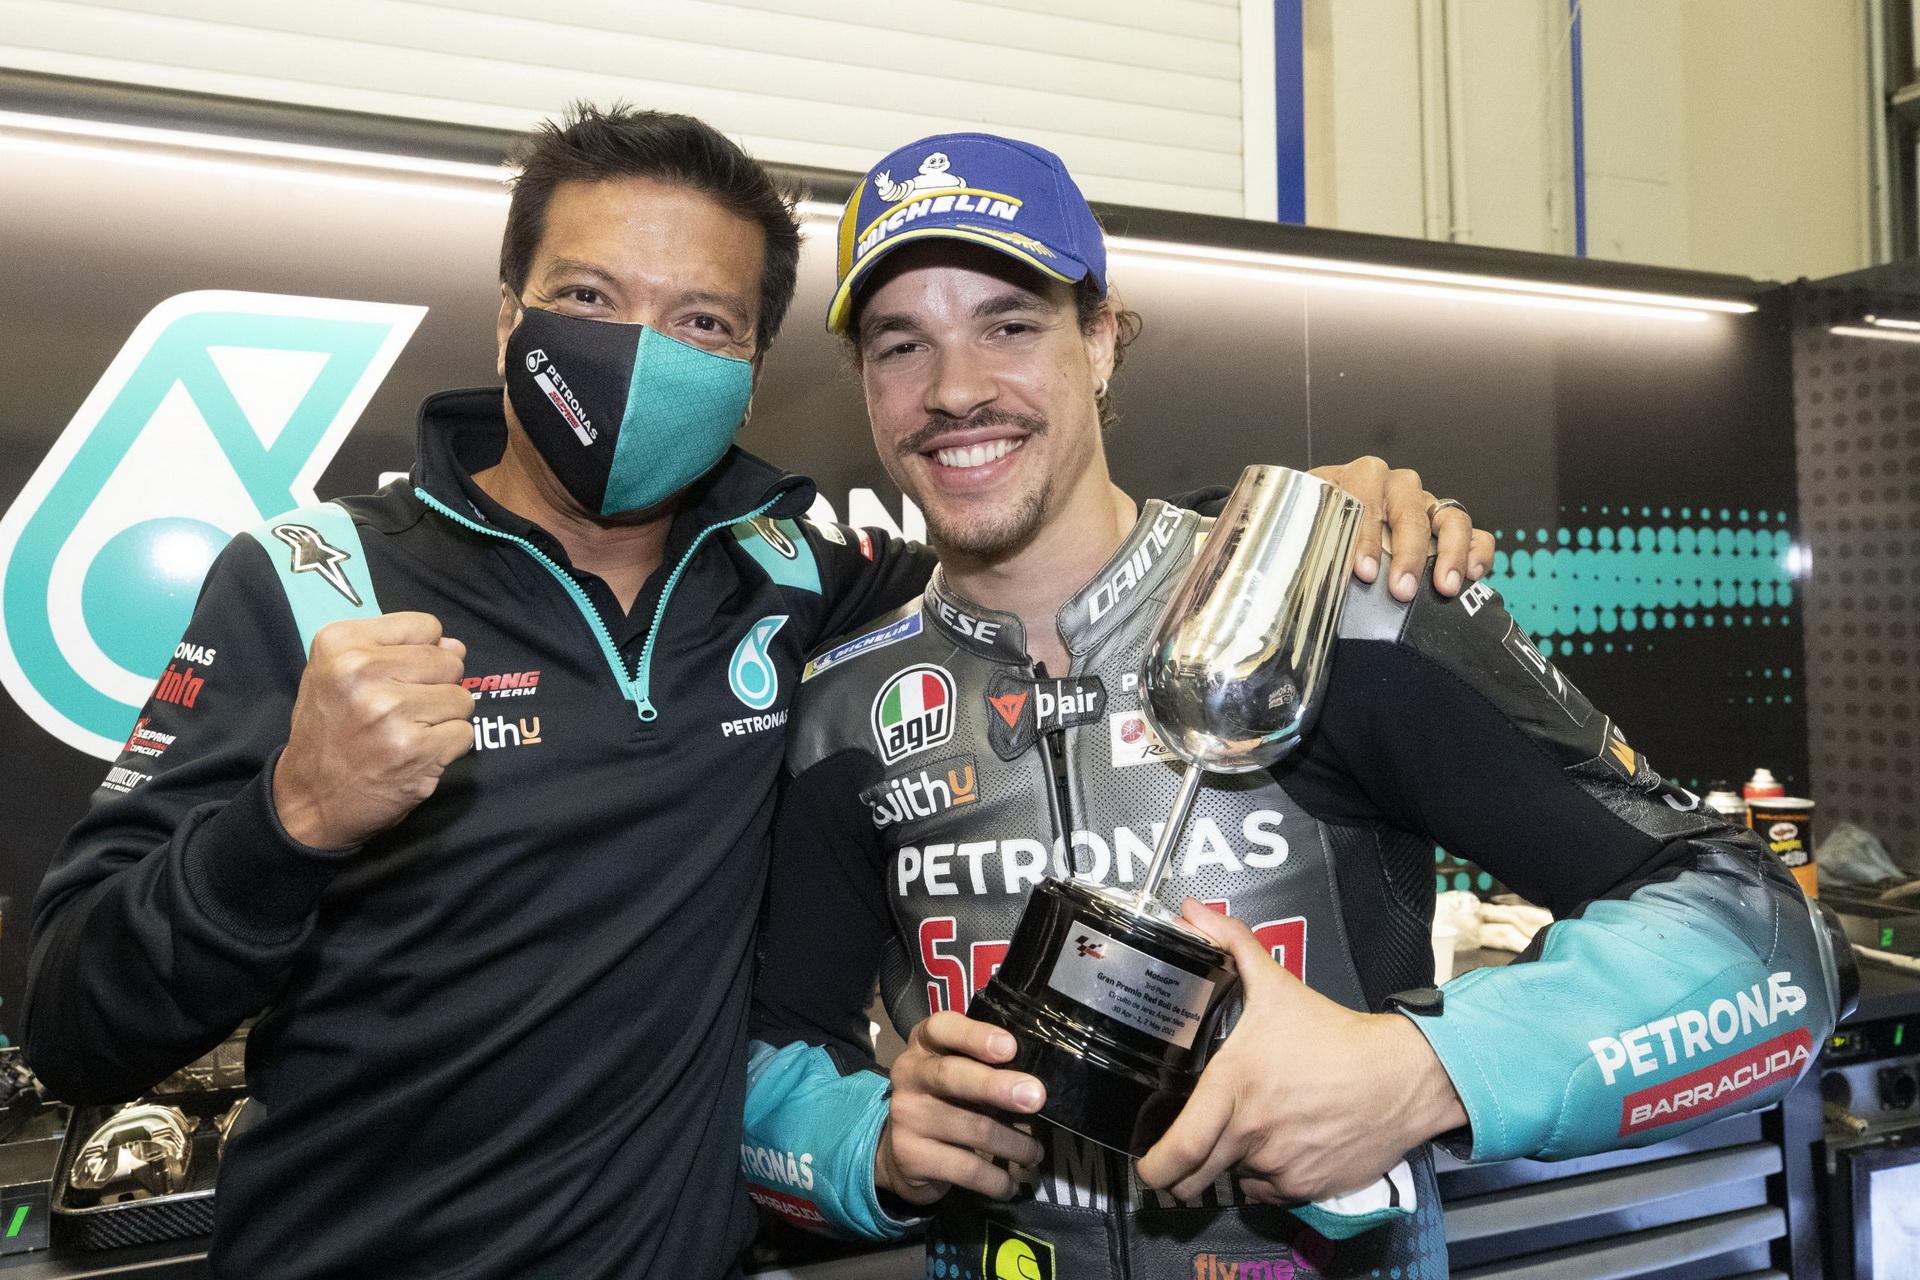 El 'Petronas' se transformará en el RNF MotoGP Racing